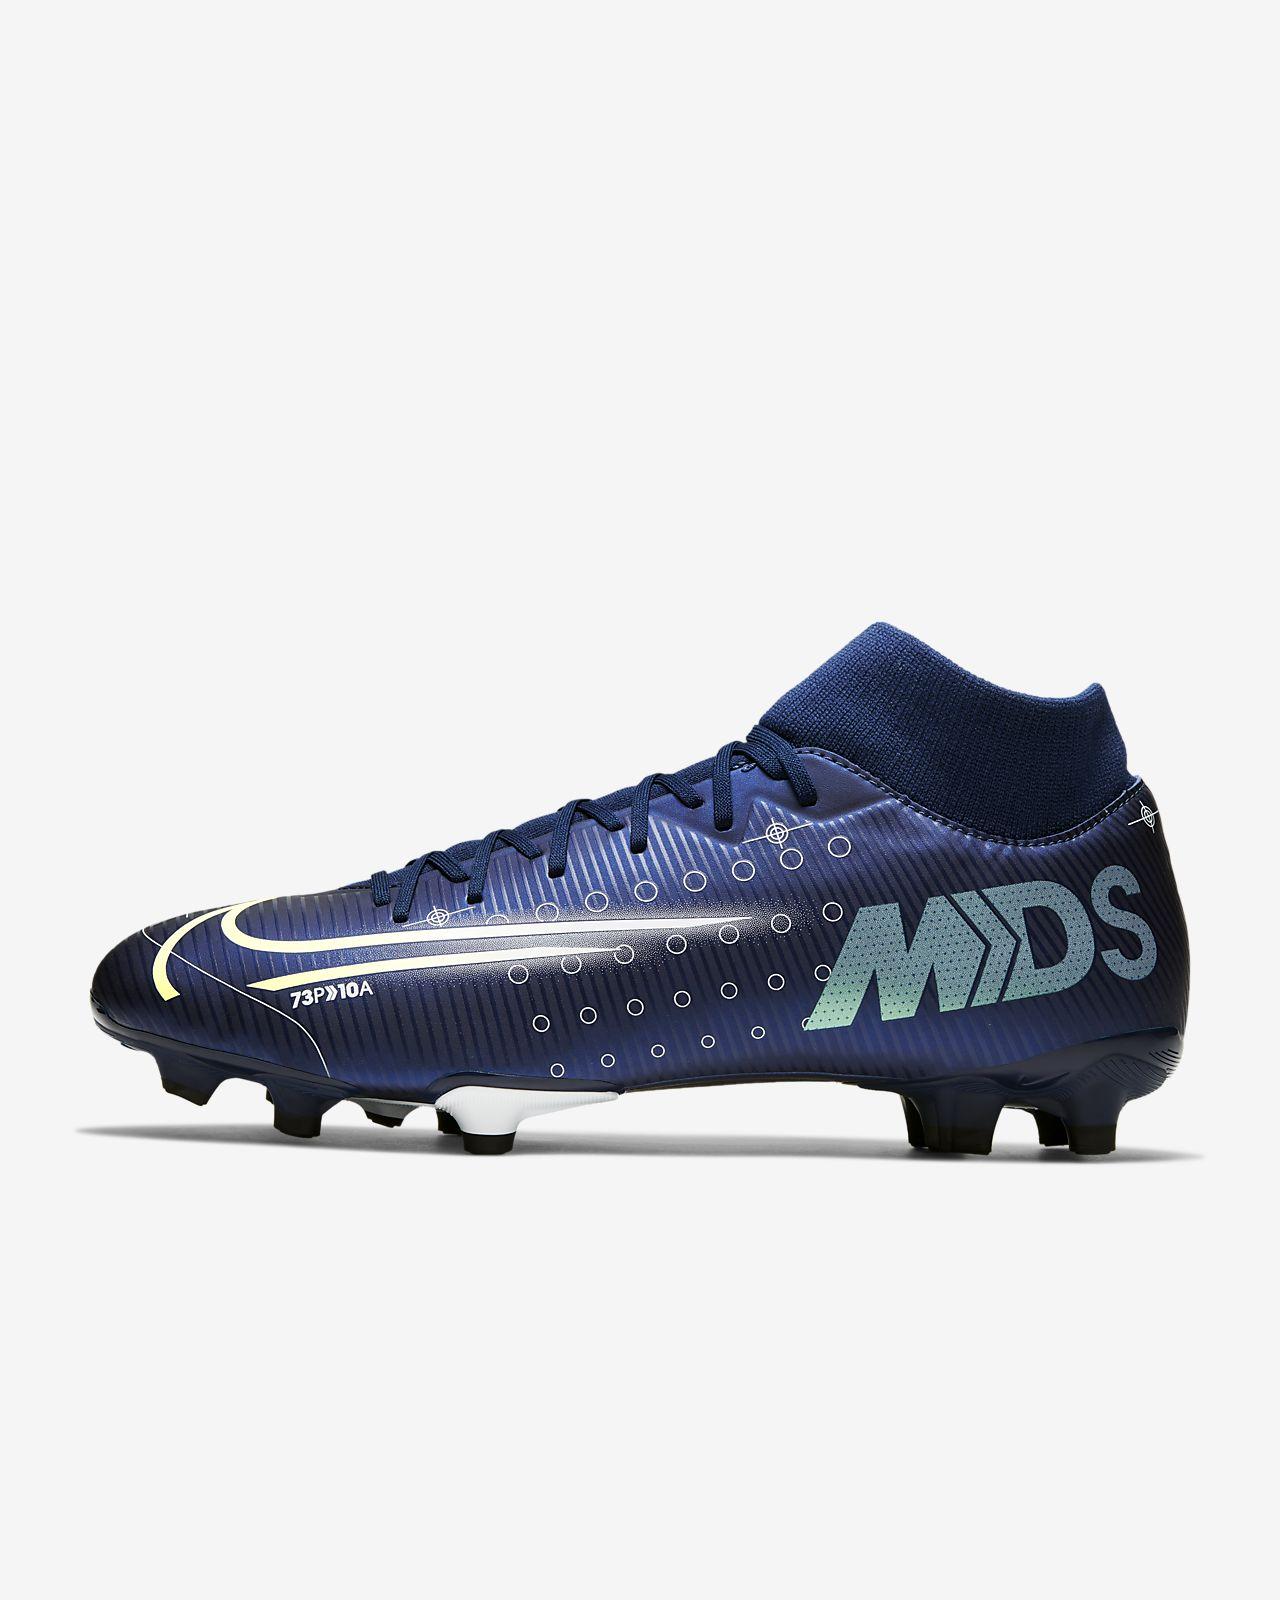 Nike Mercurial Superfly 7 Academy MDS MG-fodboldstøvle til flere typer underlag